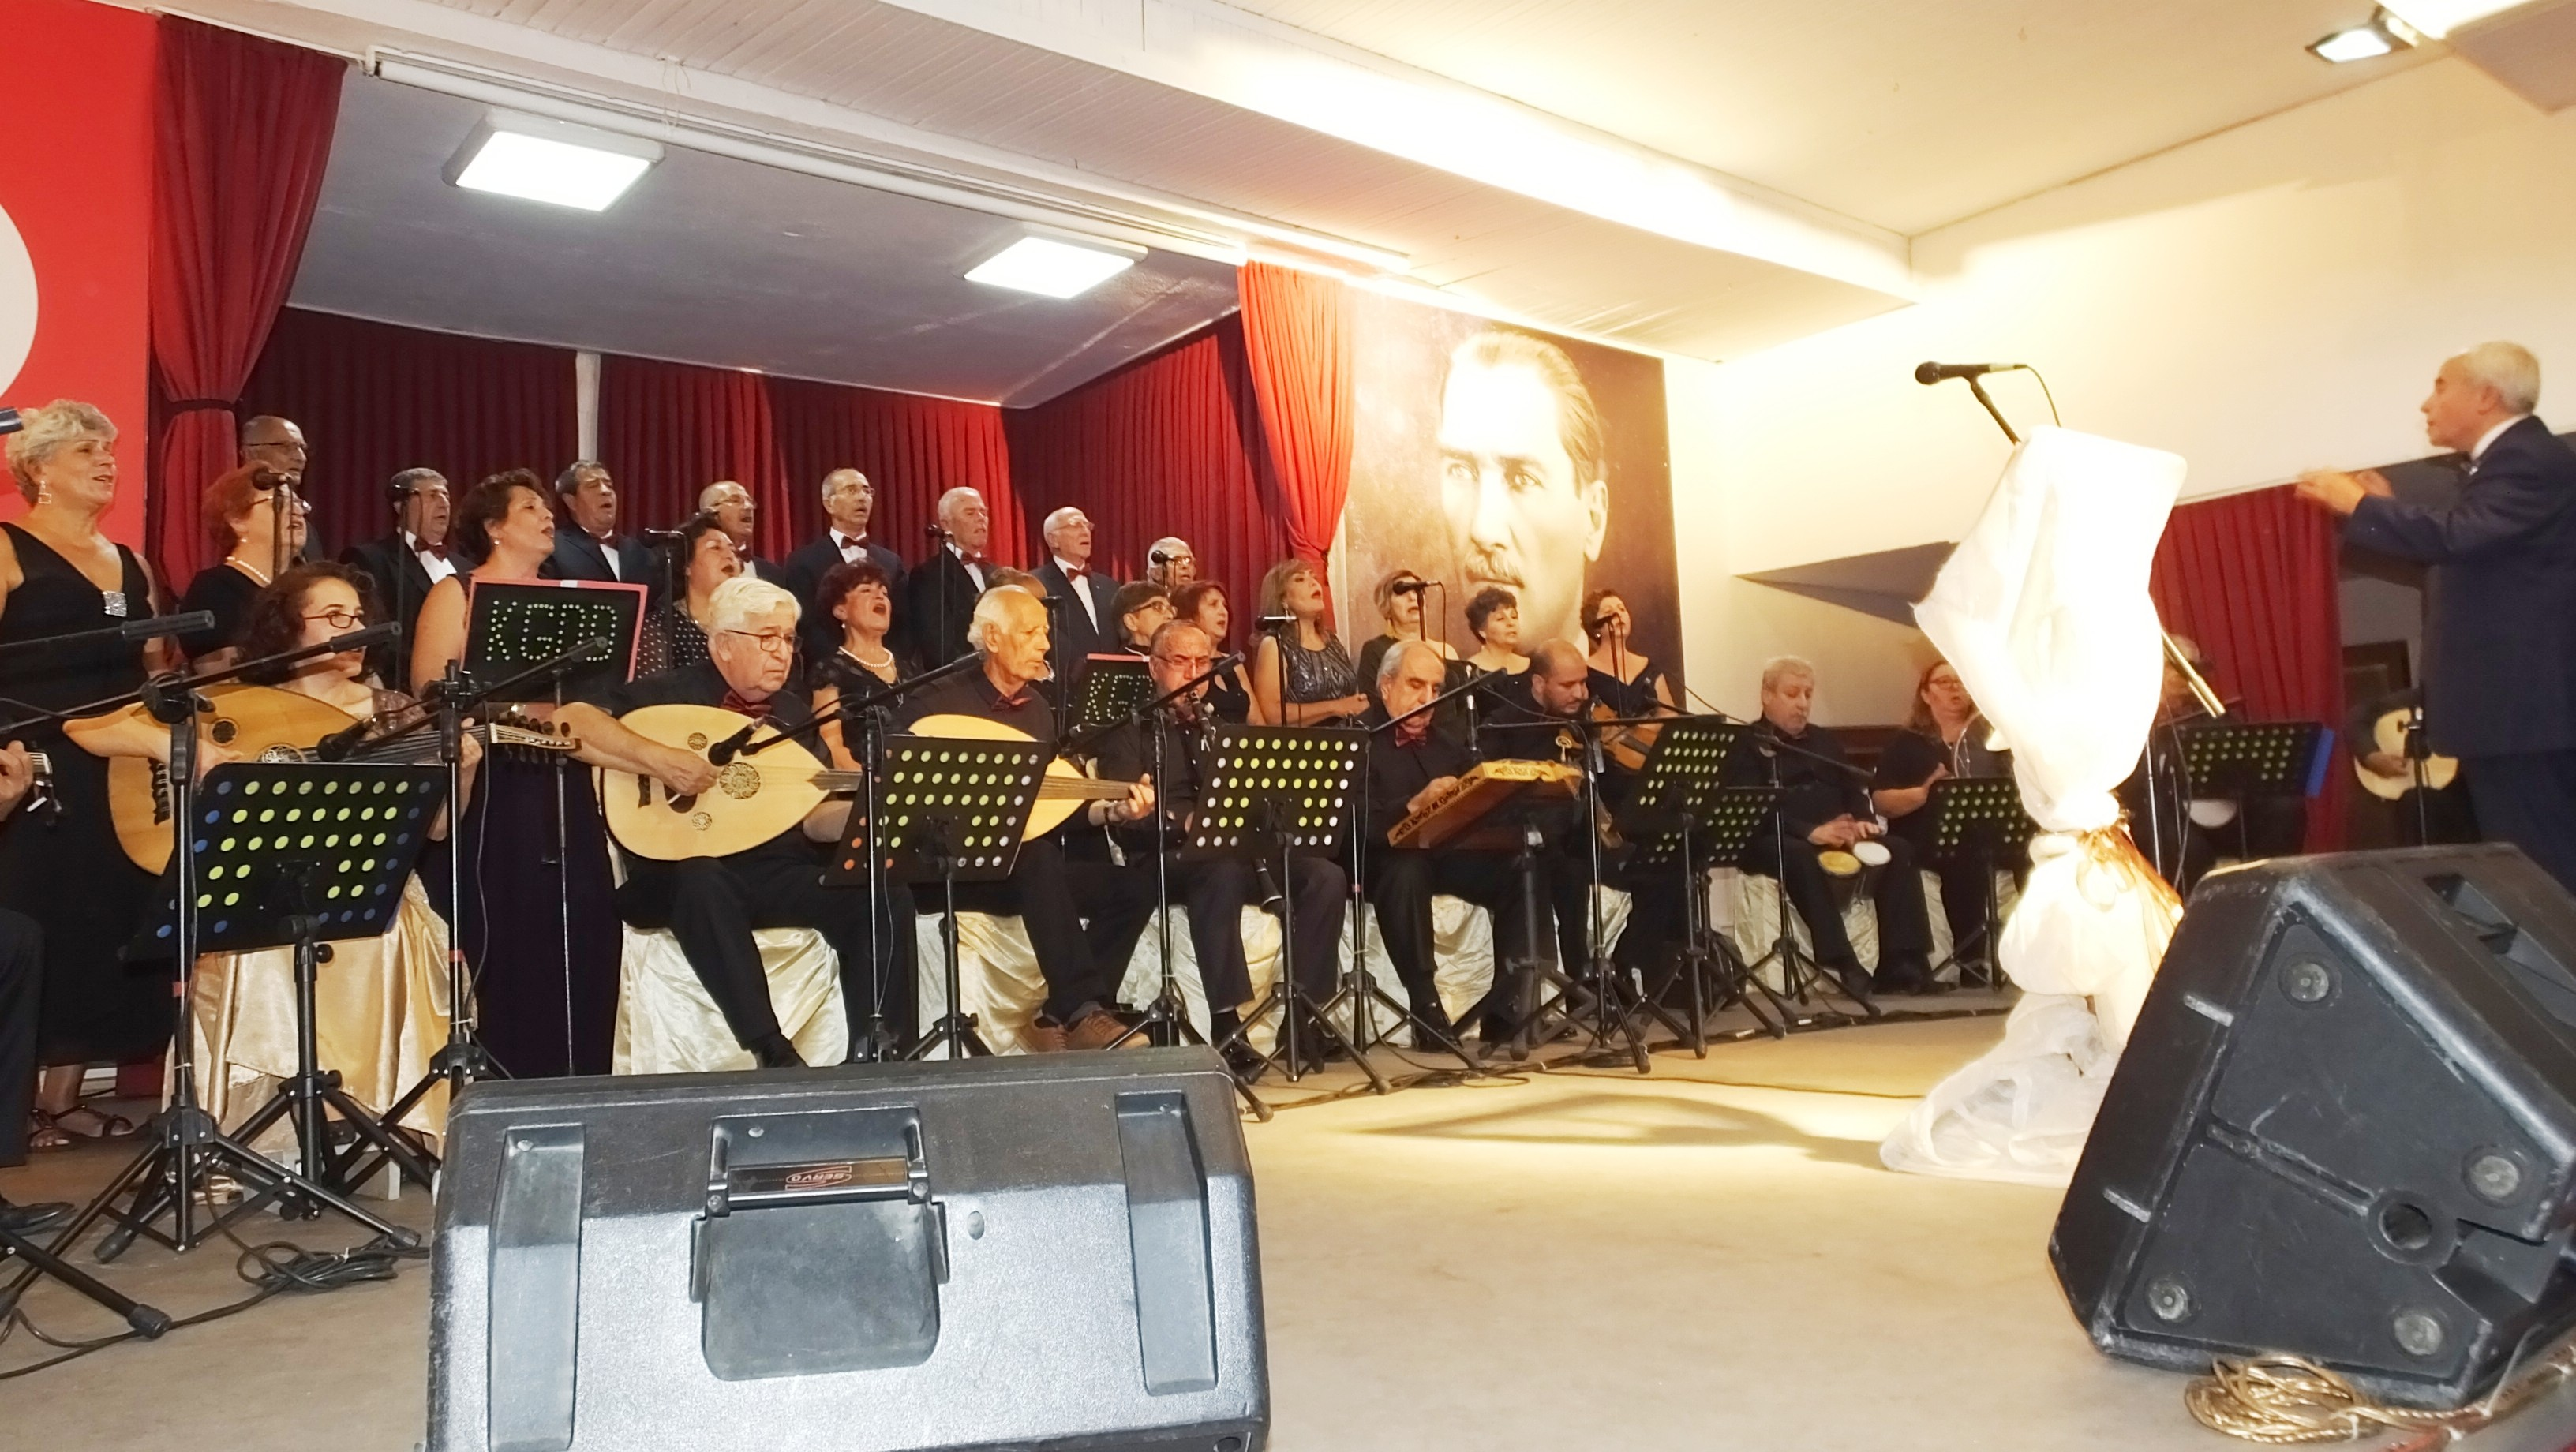 BURHANİYE'DE SONBAHAR KONSERİ